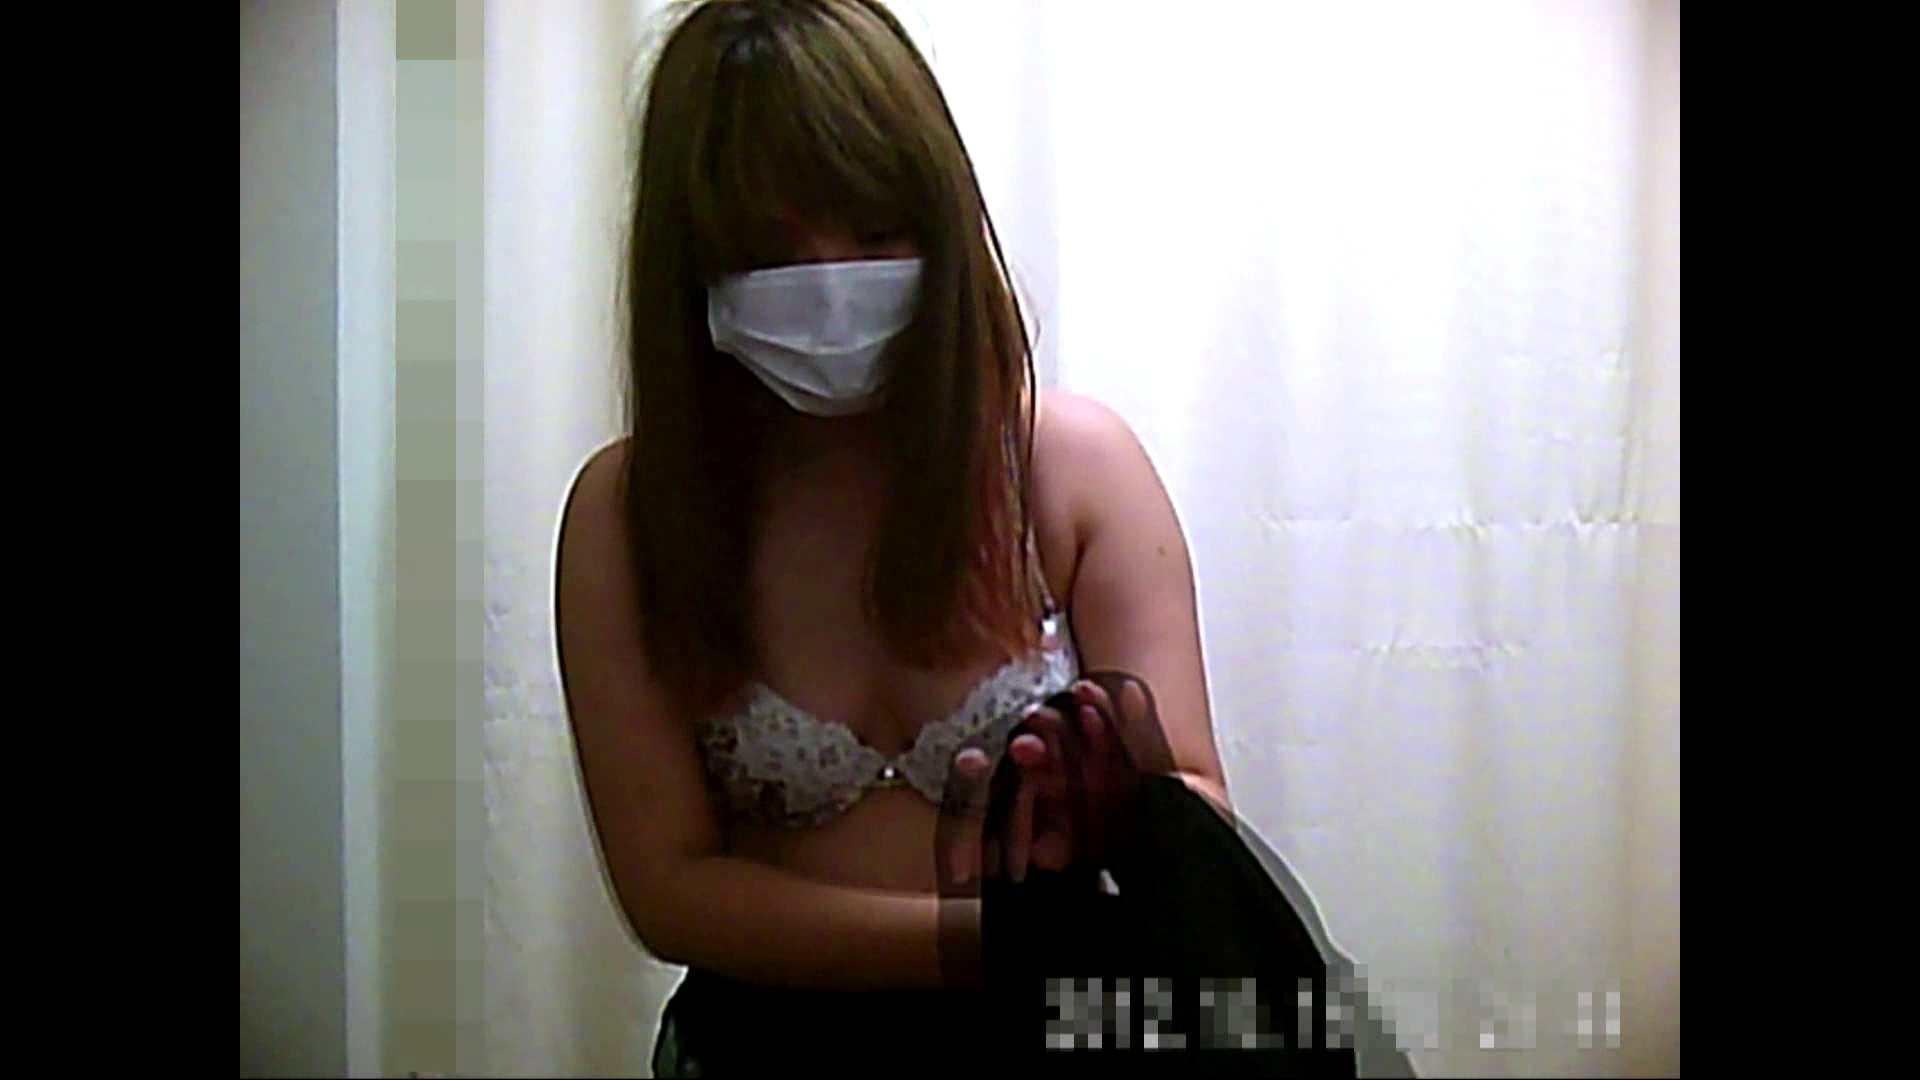 元医者による反抗 更衣室地獄絵巻 vol.057 お姉さん  112PIX 64